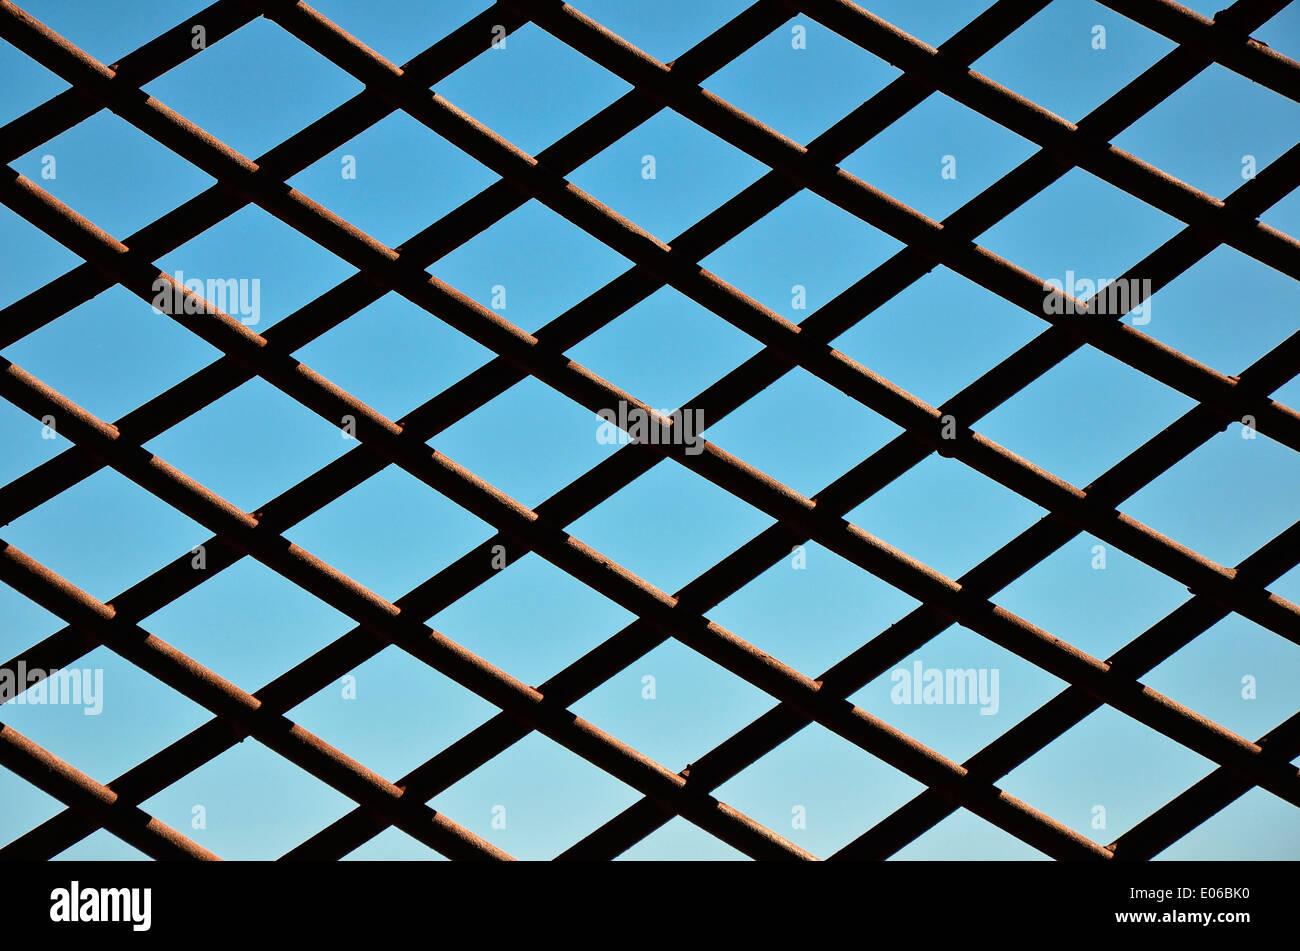 Maschendrahtzaun gegen blauen Himmel - Abschnitt von einem Maschendrahtzaun, hinter den blauen Himmel als ein Symbol für Gefangenschaft und Freiheit. Stockbild